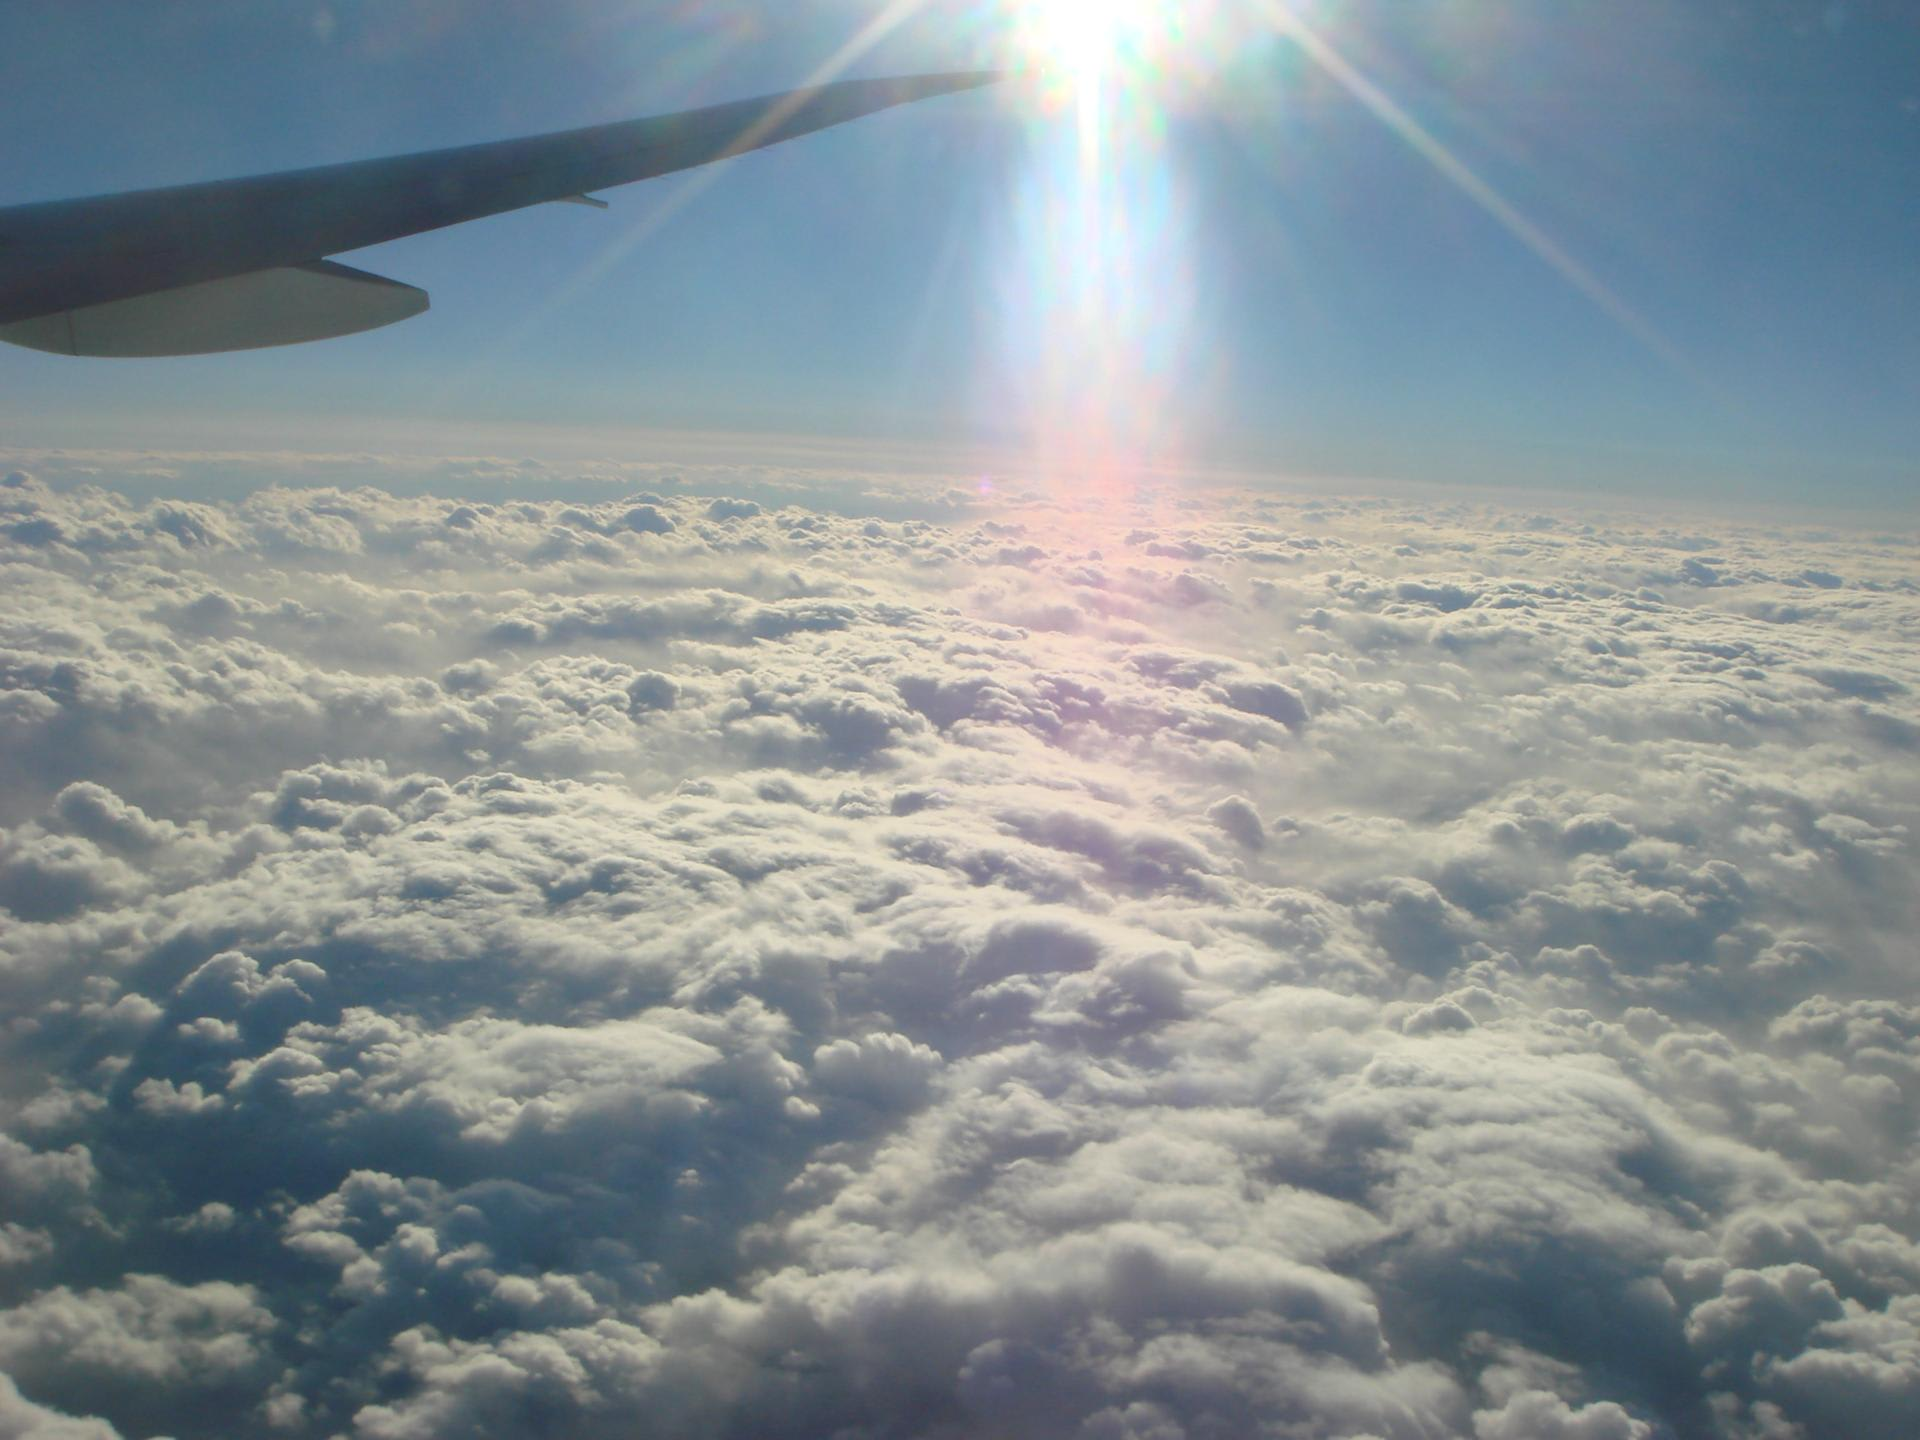 雲上 - 回顧と展望